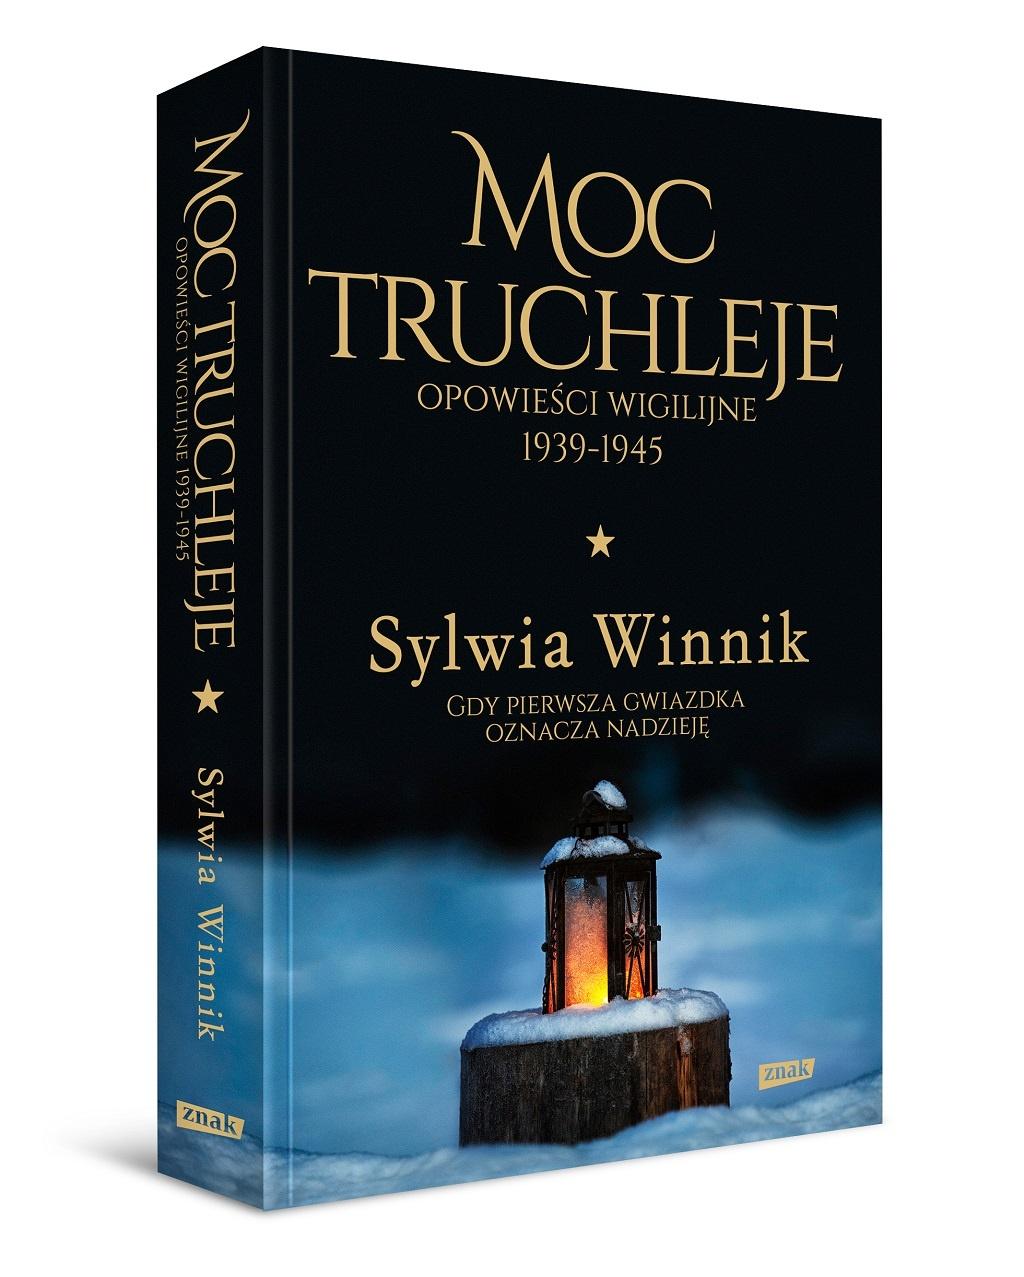 Sylwia Winnik – Moc truchleje. Opowieści wigilijne 1939-1945